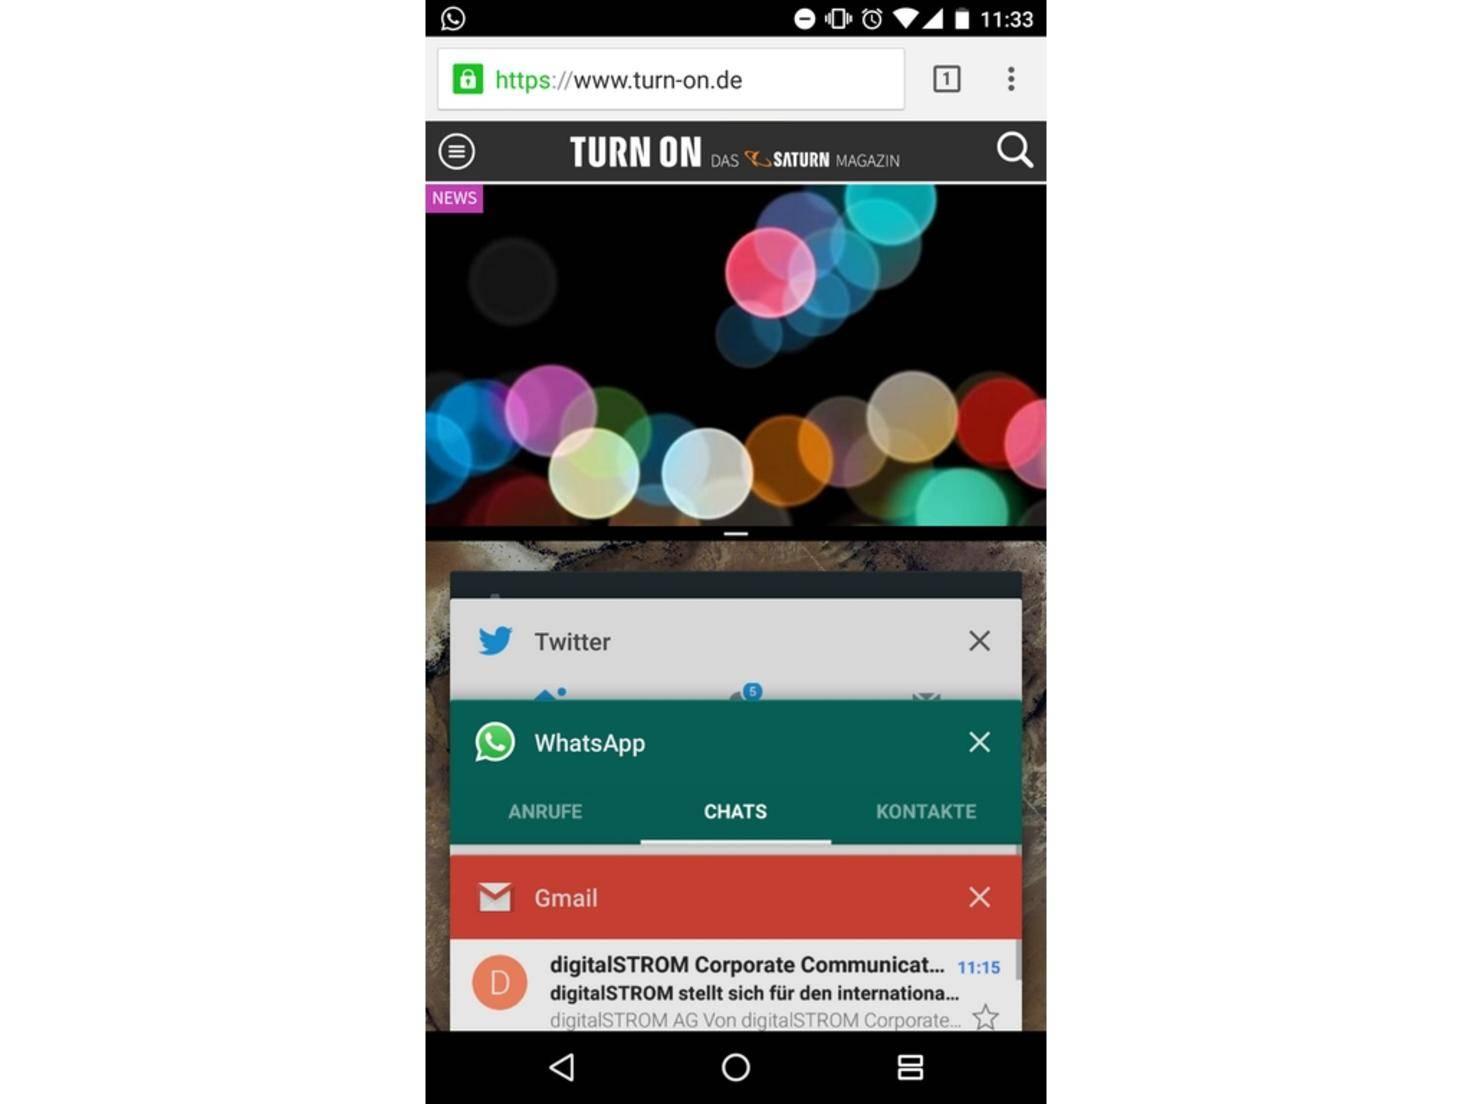 Android 7 Splitscreen